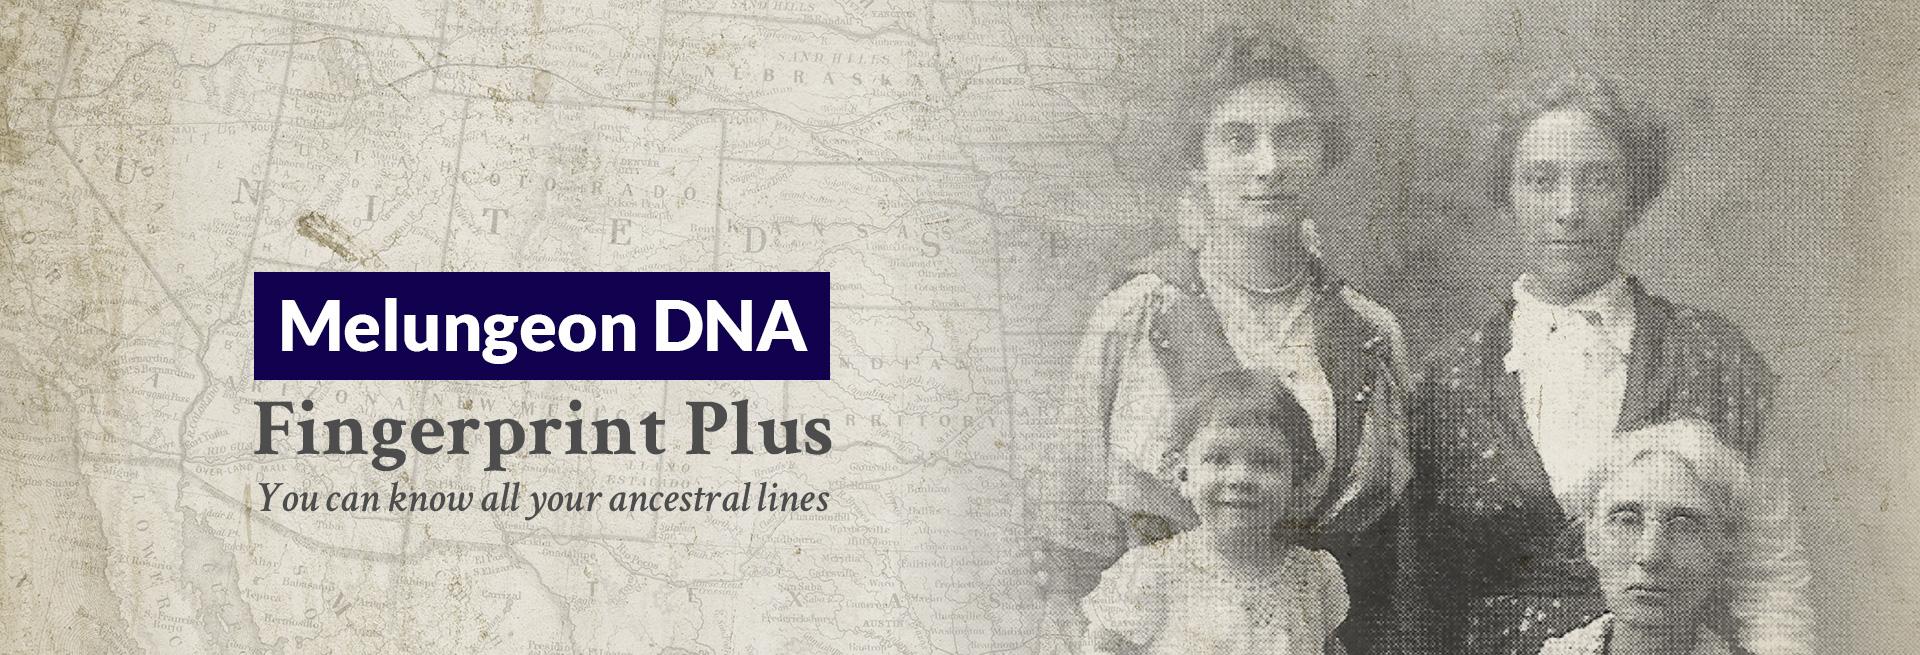 Melungeon DNA Fingerprint Plus